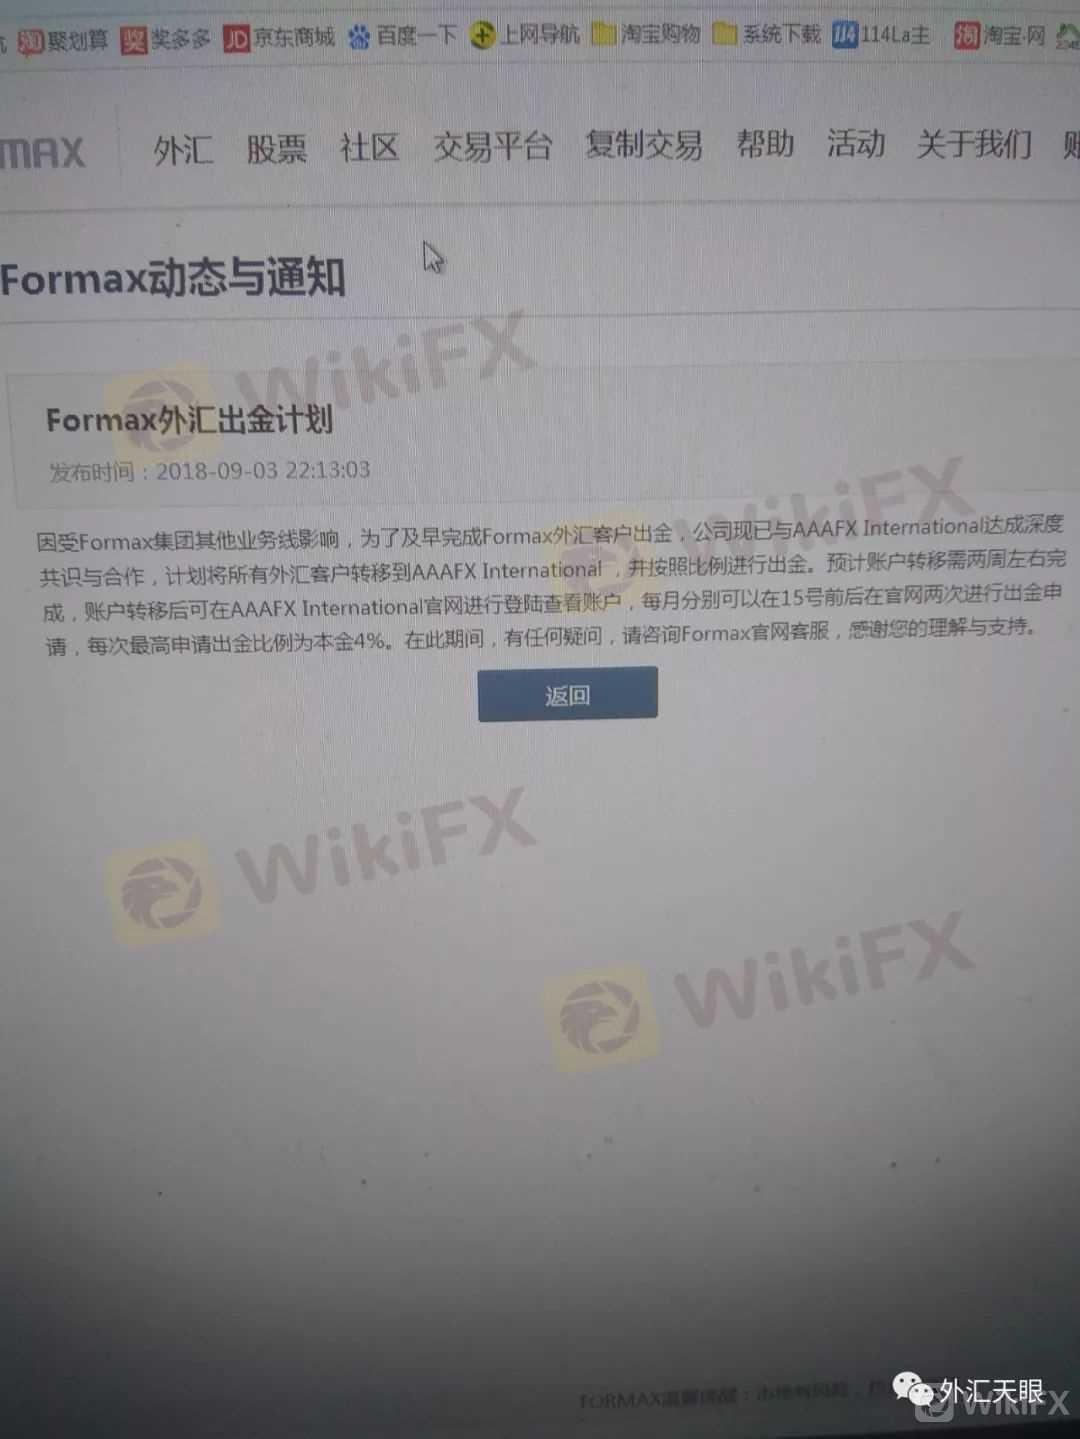 """已潜逃交易商FORMAX福亿与AAAFx达成""""深度合作""""继续行骗?"""